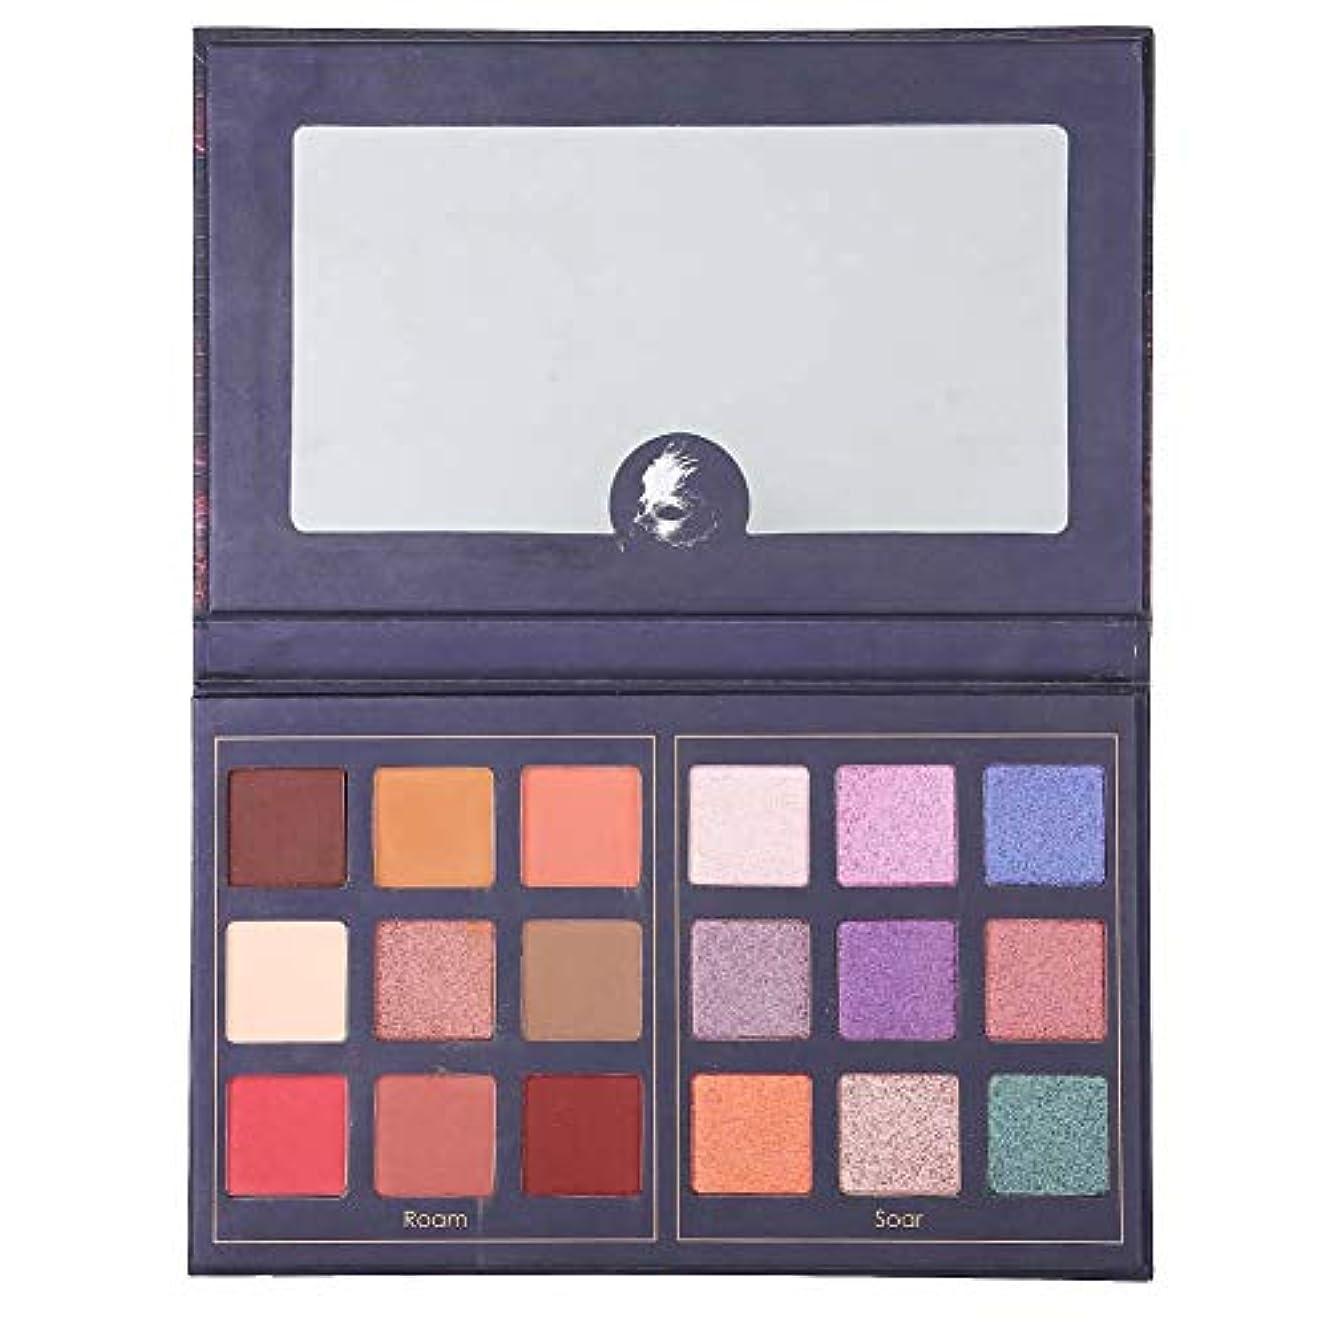 強化するアシュリータファーマン日焼けアイシャドウパレットグリッター 18色 美しい 化粧品アイシャドウ化粧パウダー